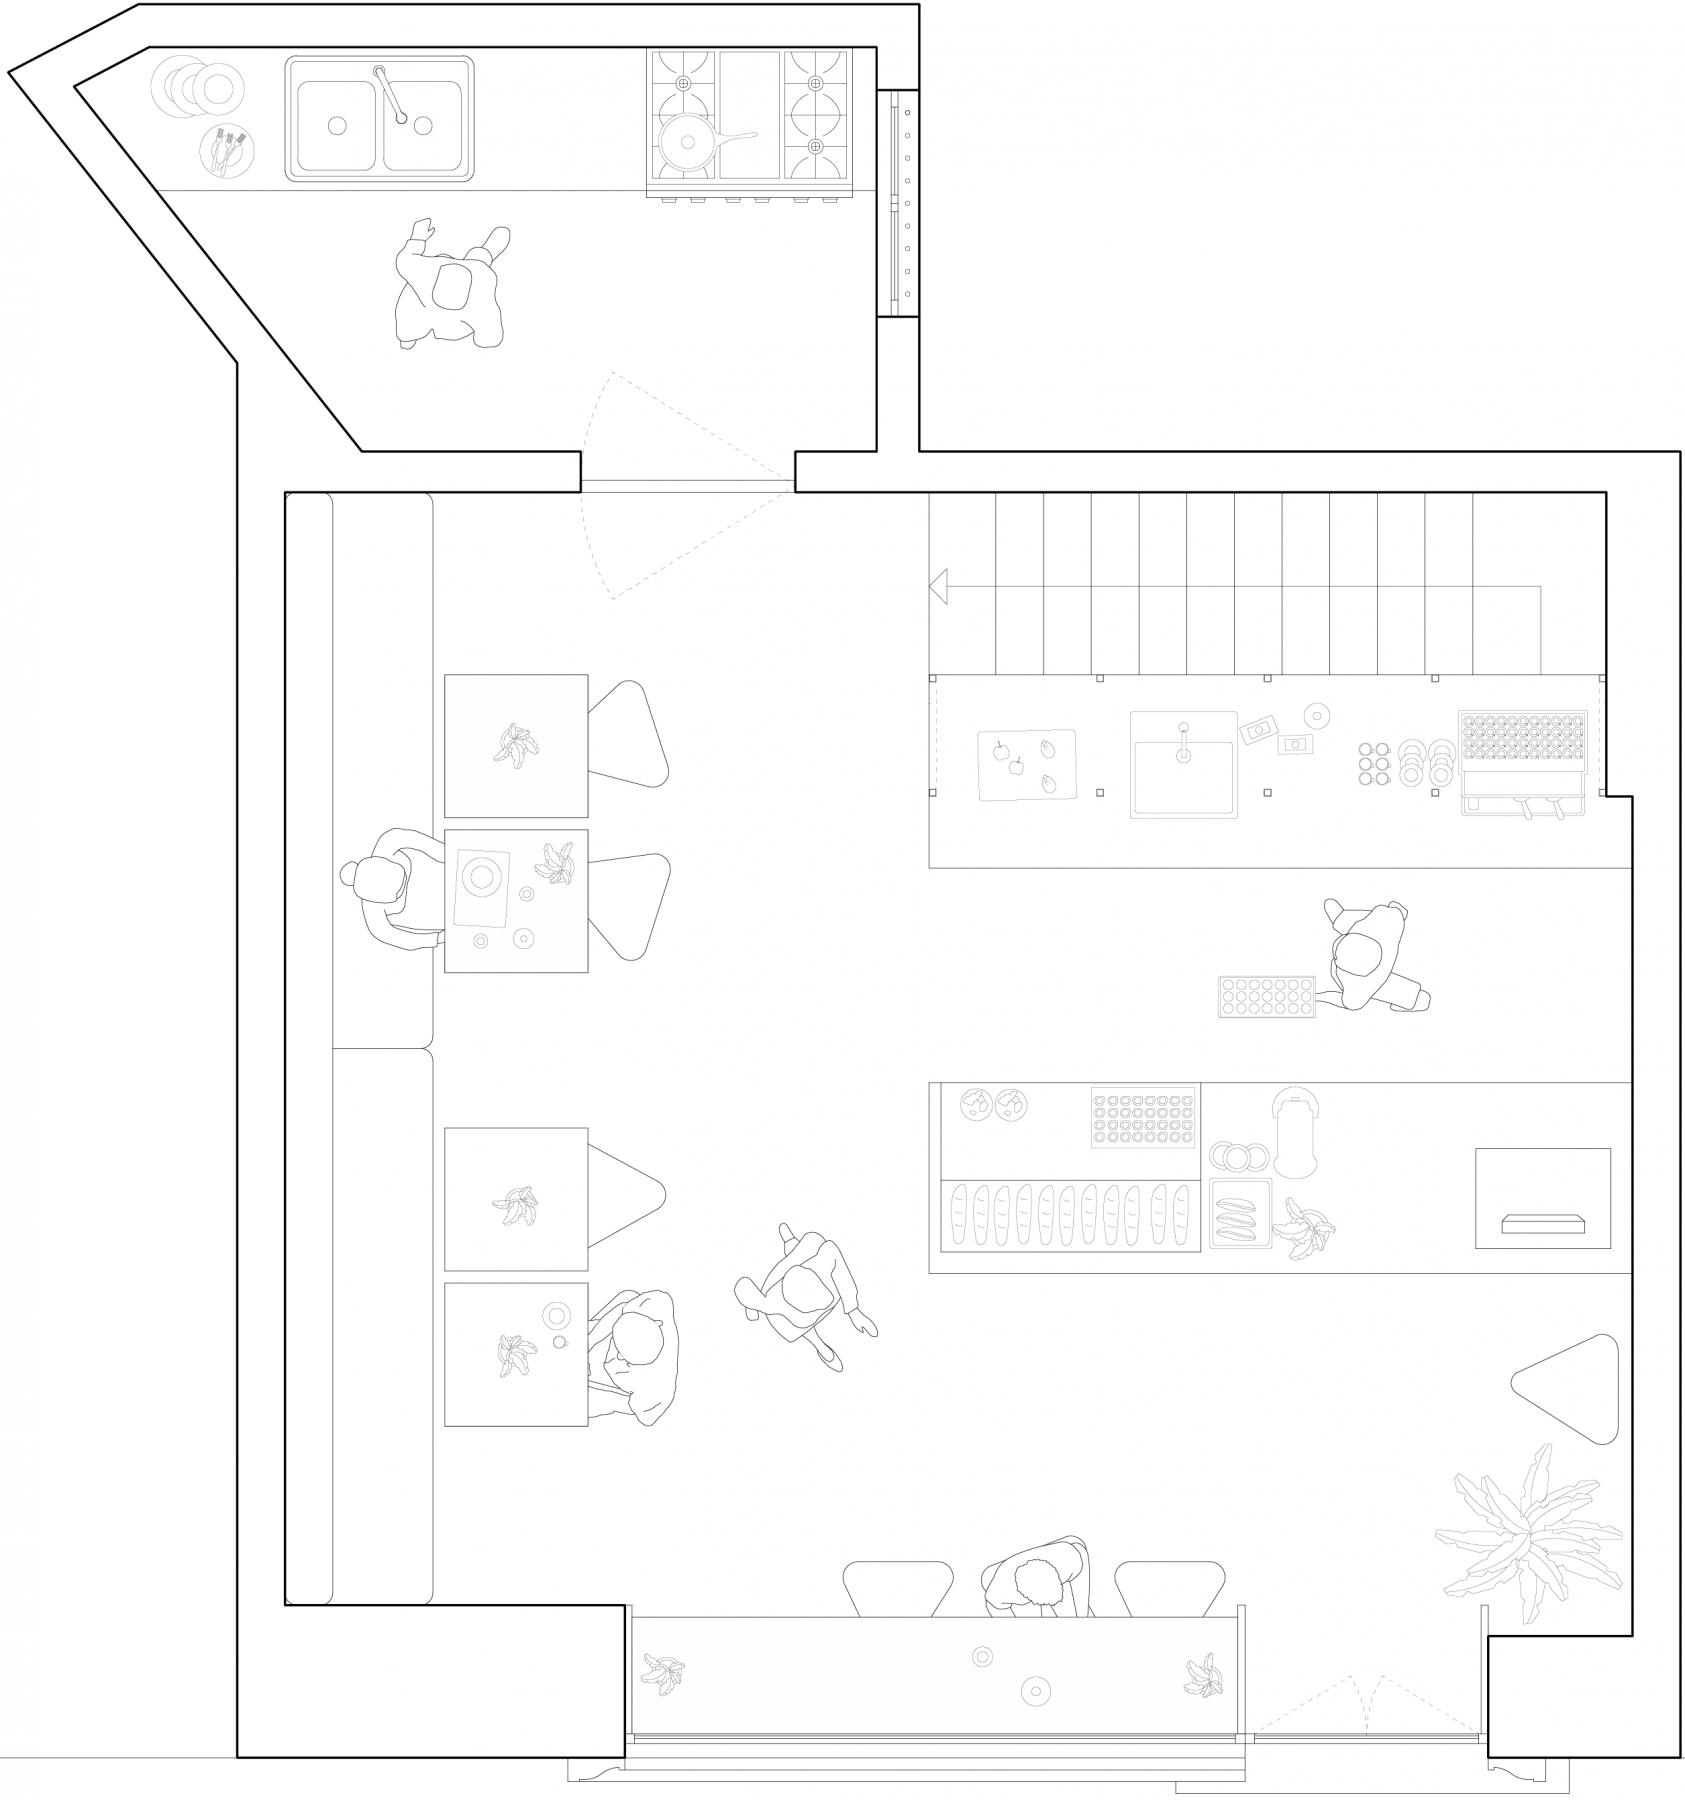 dc ad deli architecture plan